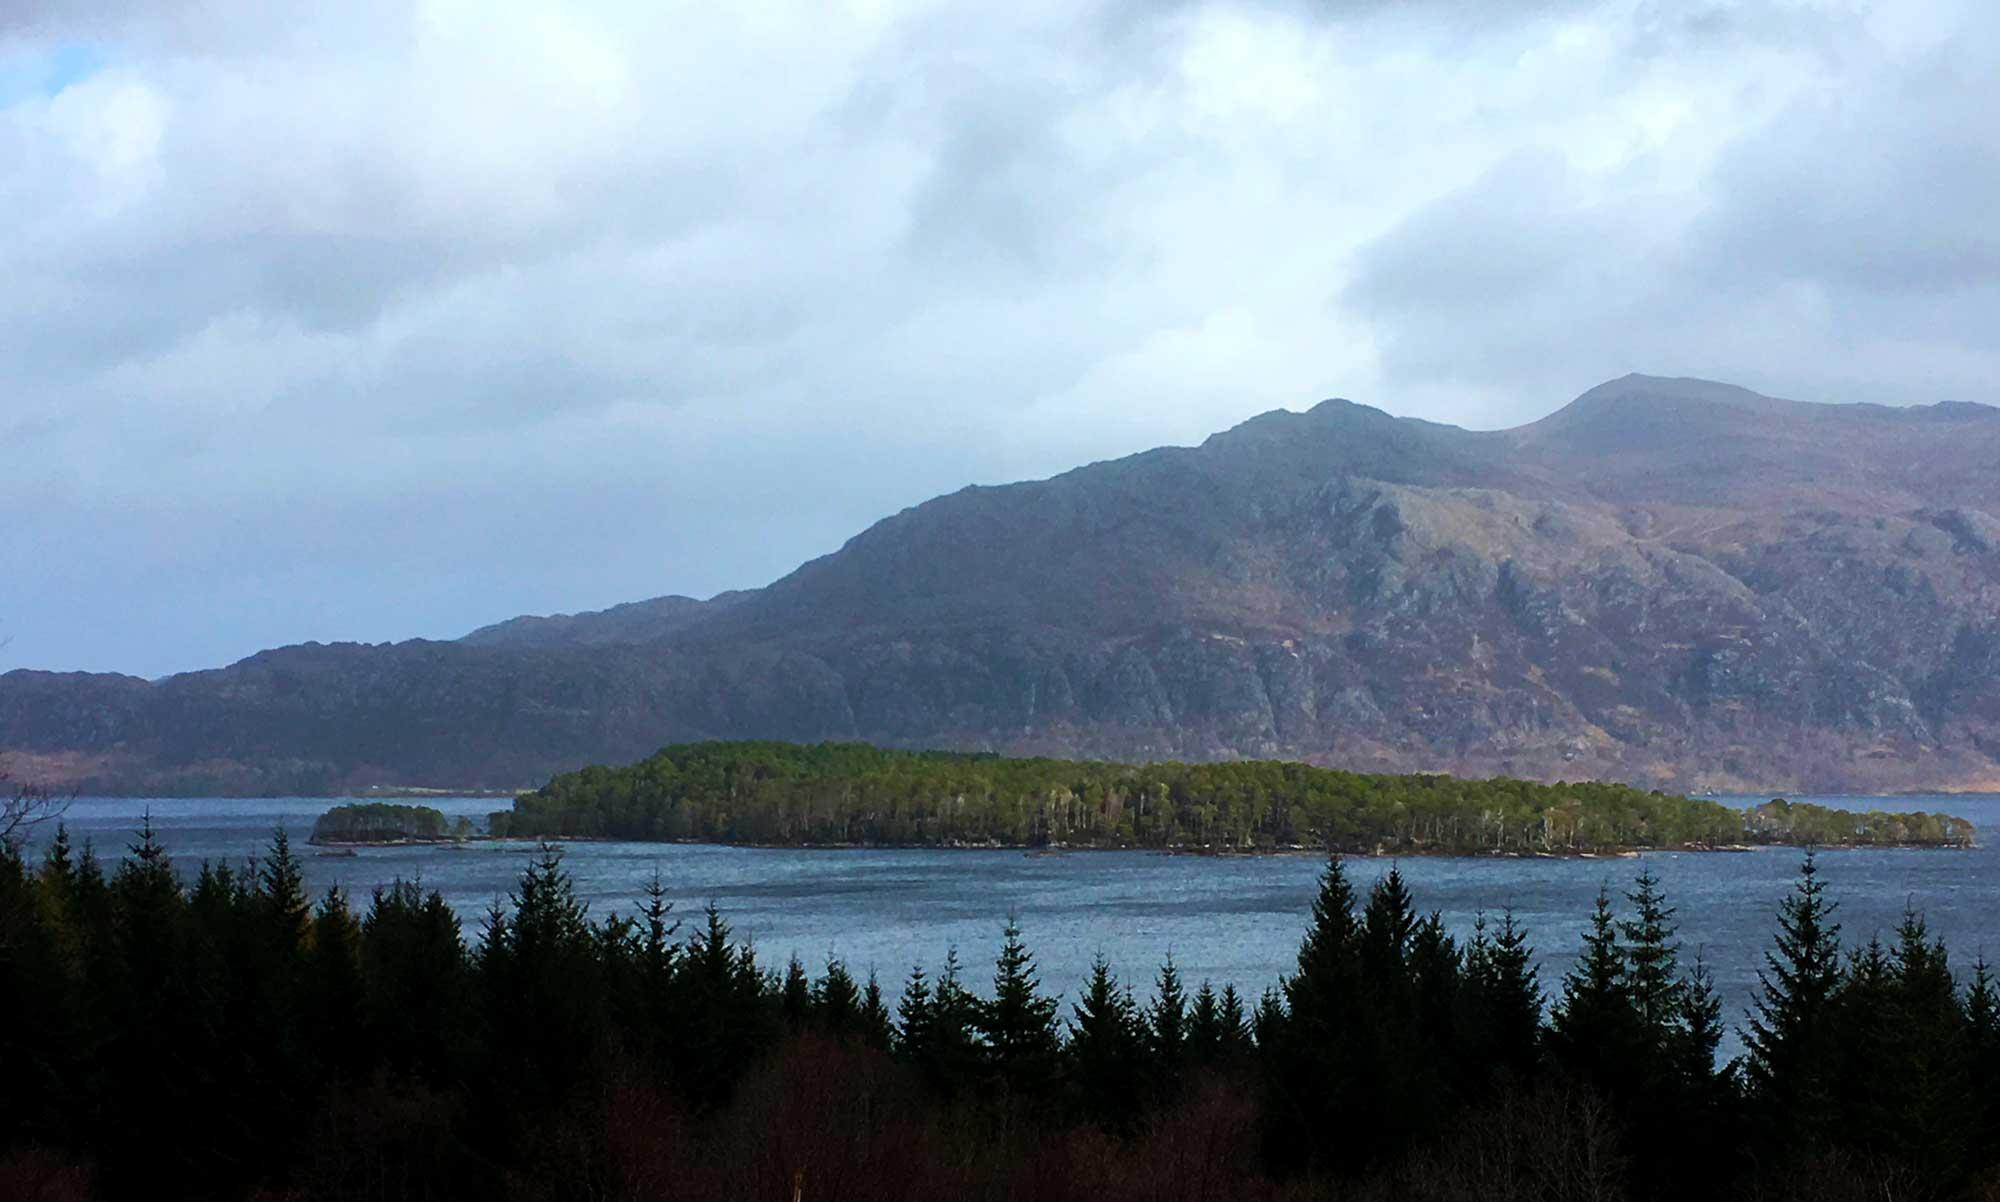 Der Blick auf die Insel im Loch Maree